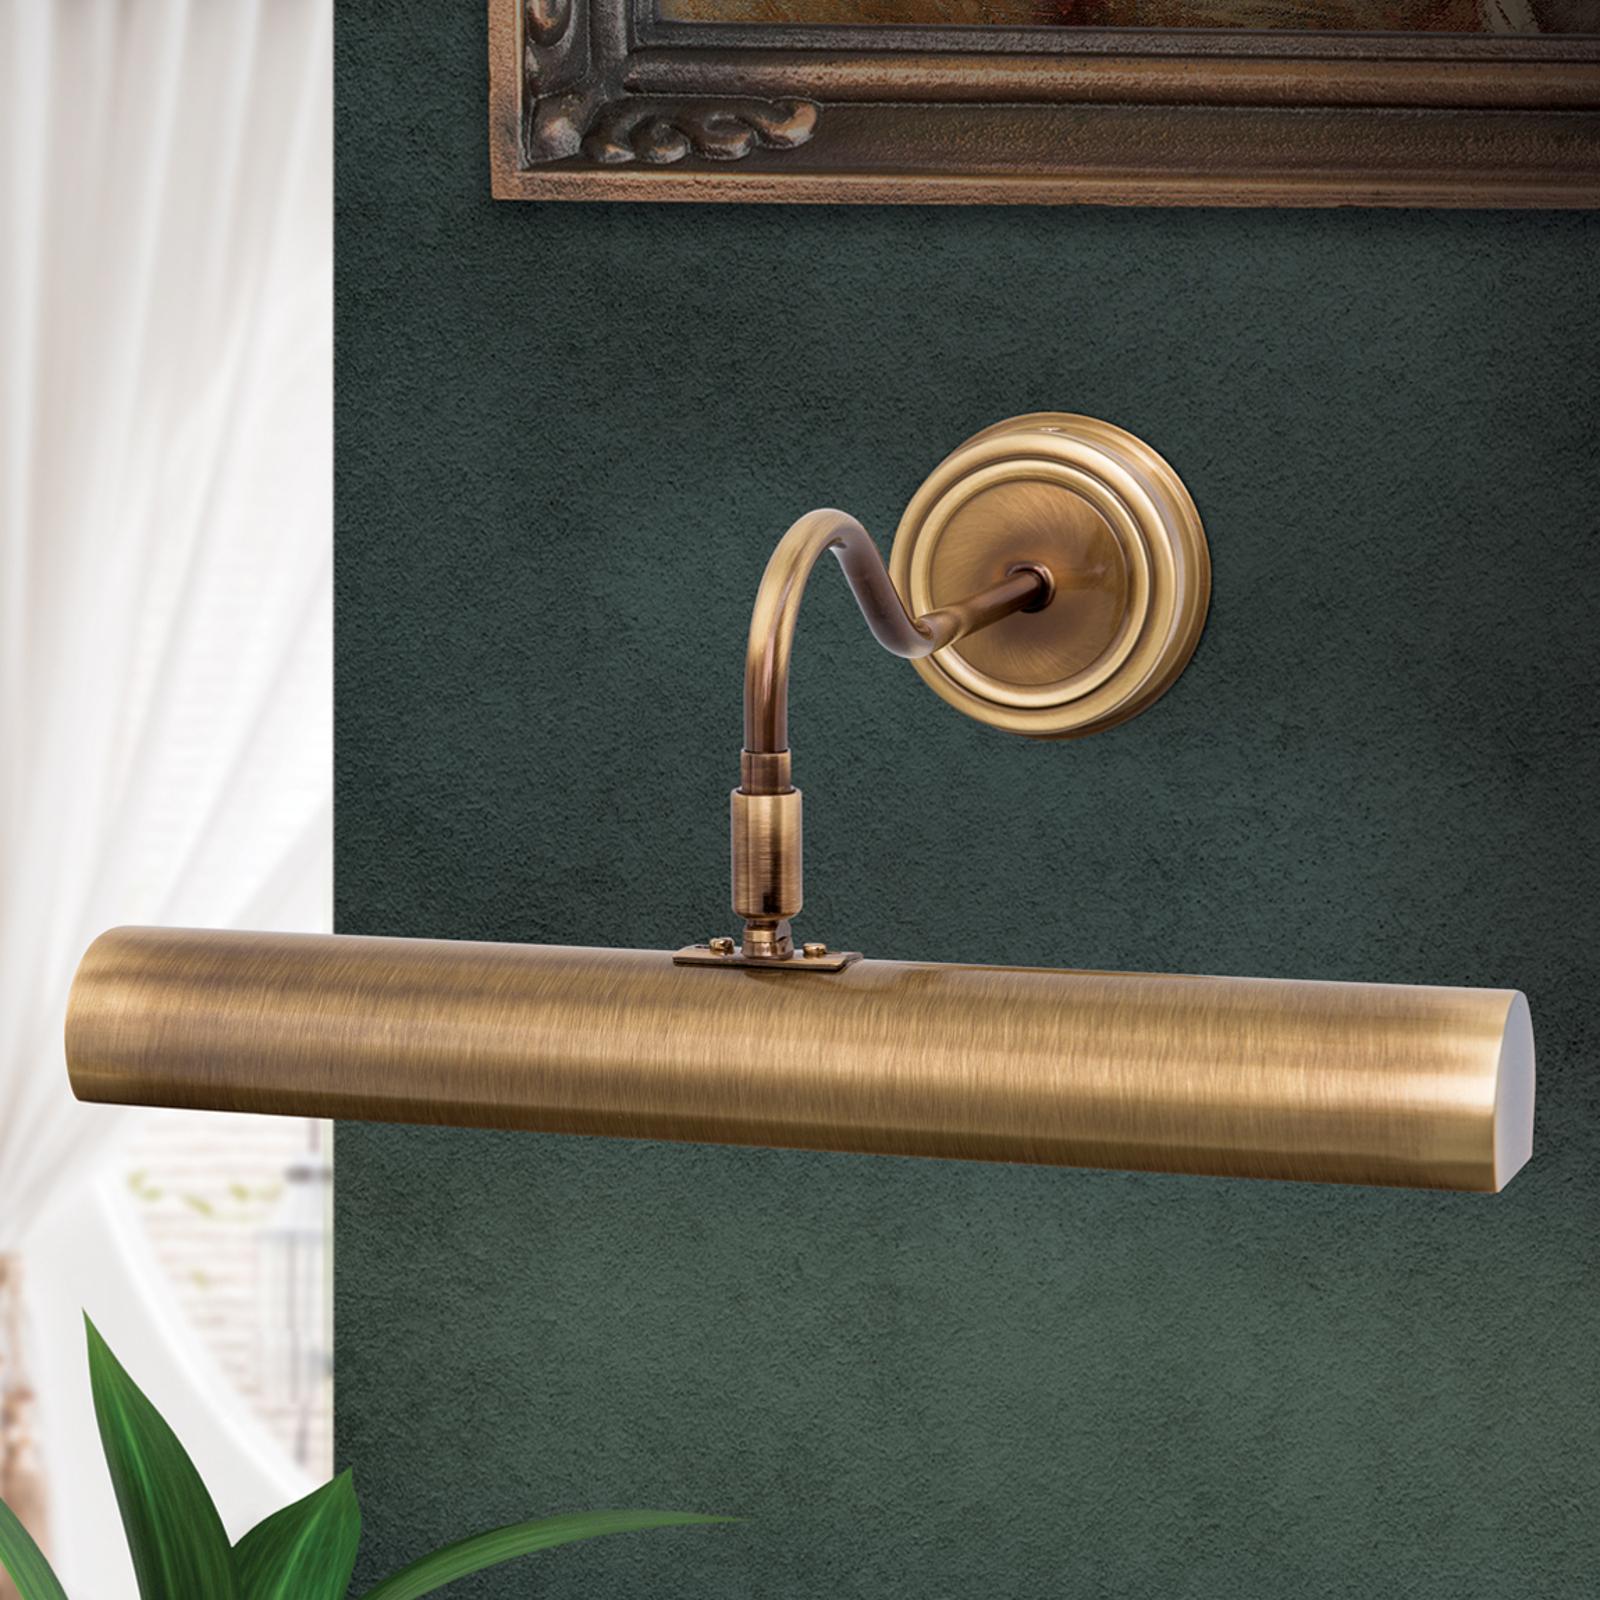 Lampada per quadri Lariga ottone antico 35 cm